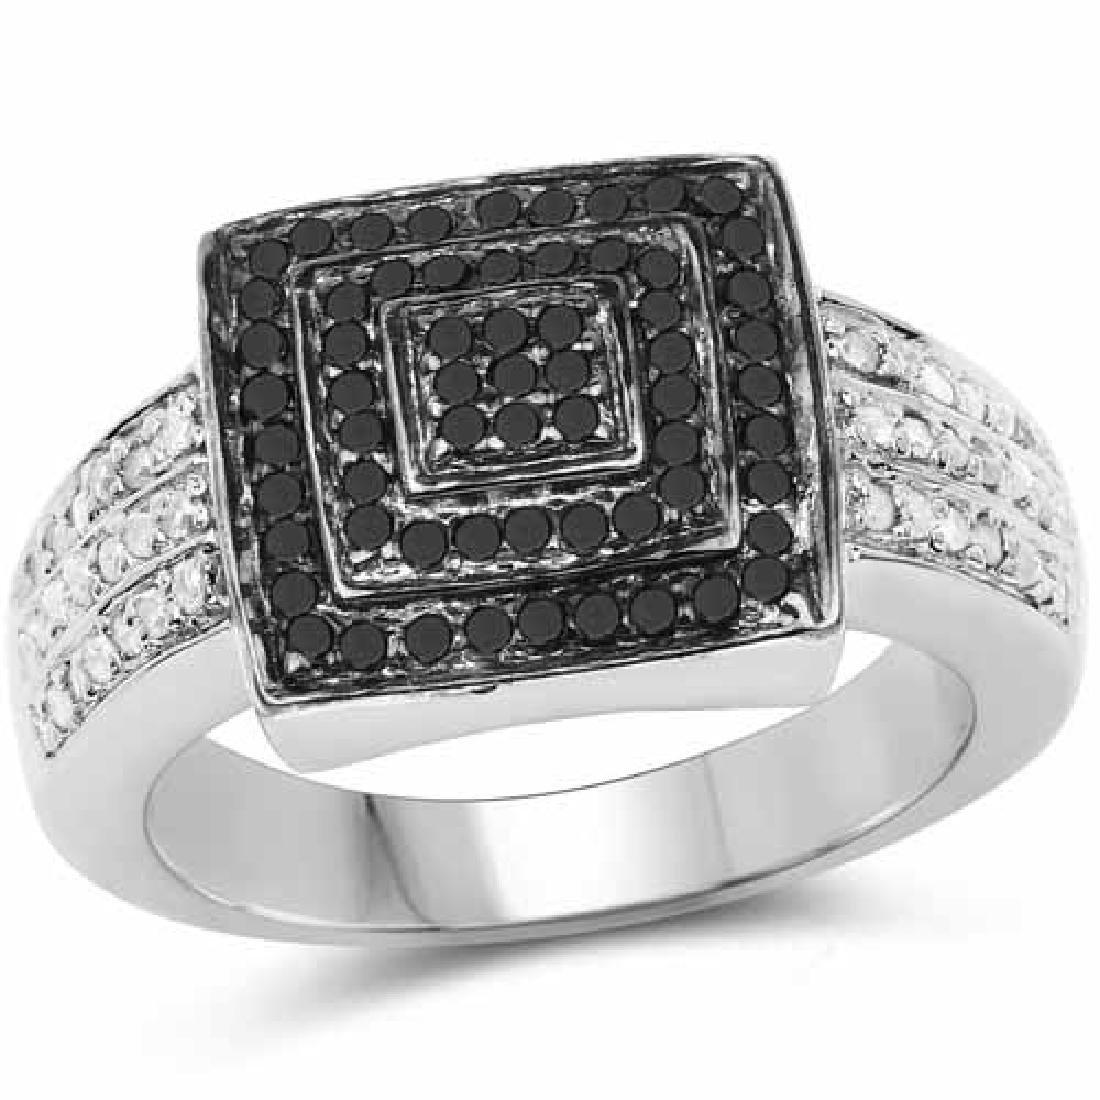 0.55 Carat Genuine Black Diamond and White Diamond .925